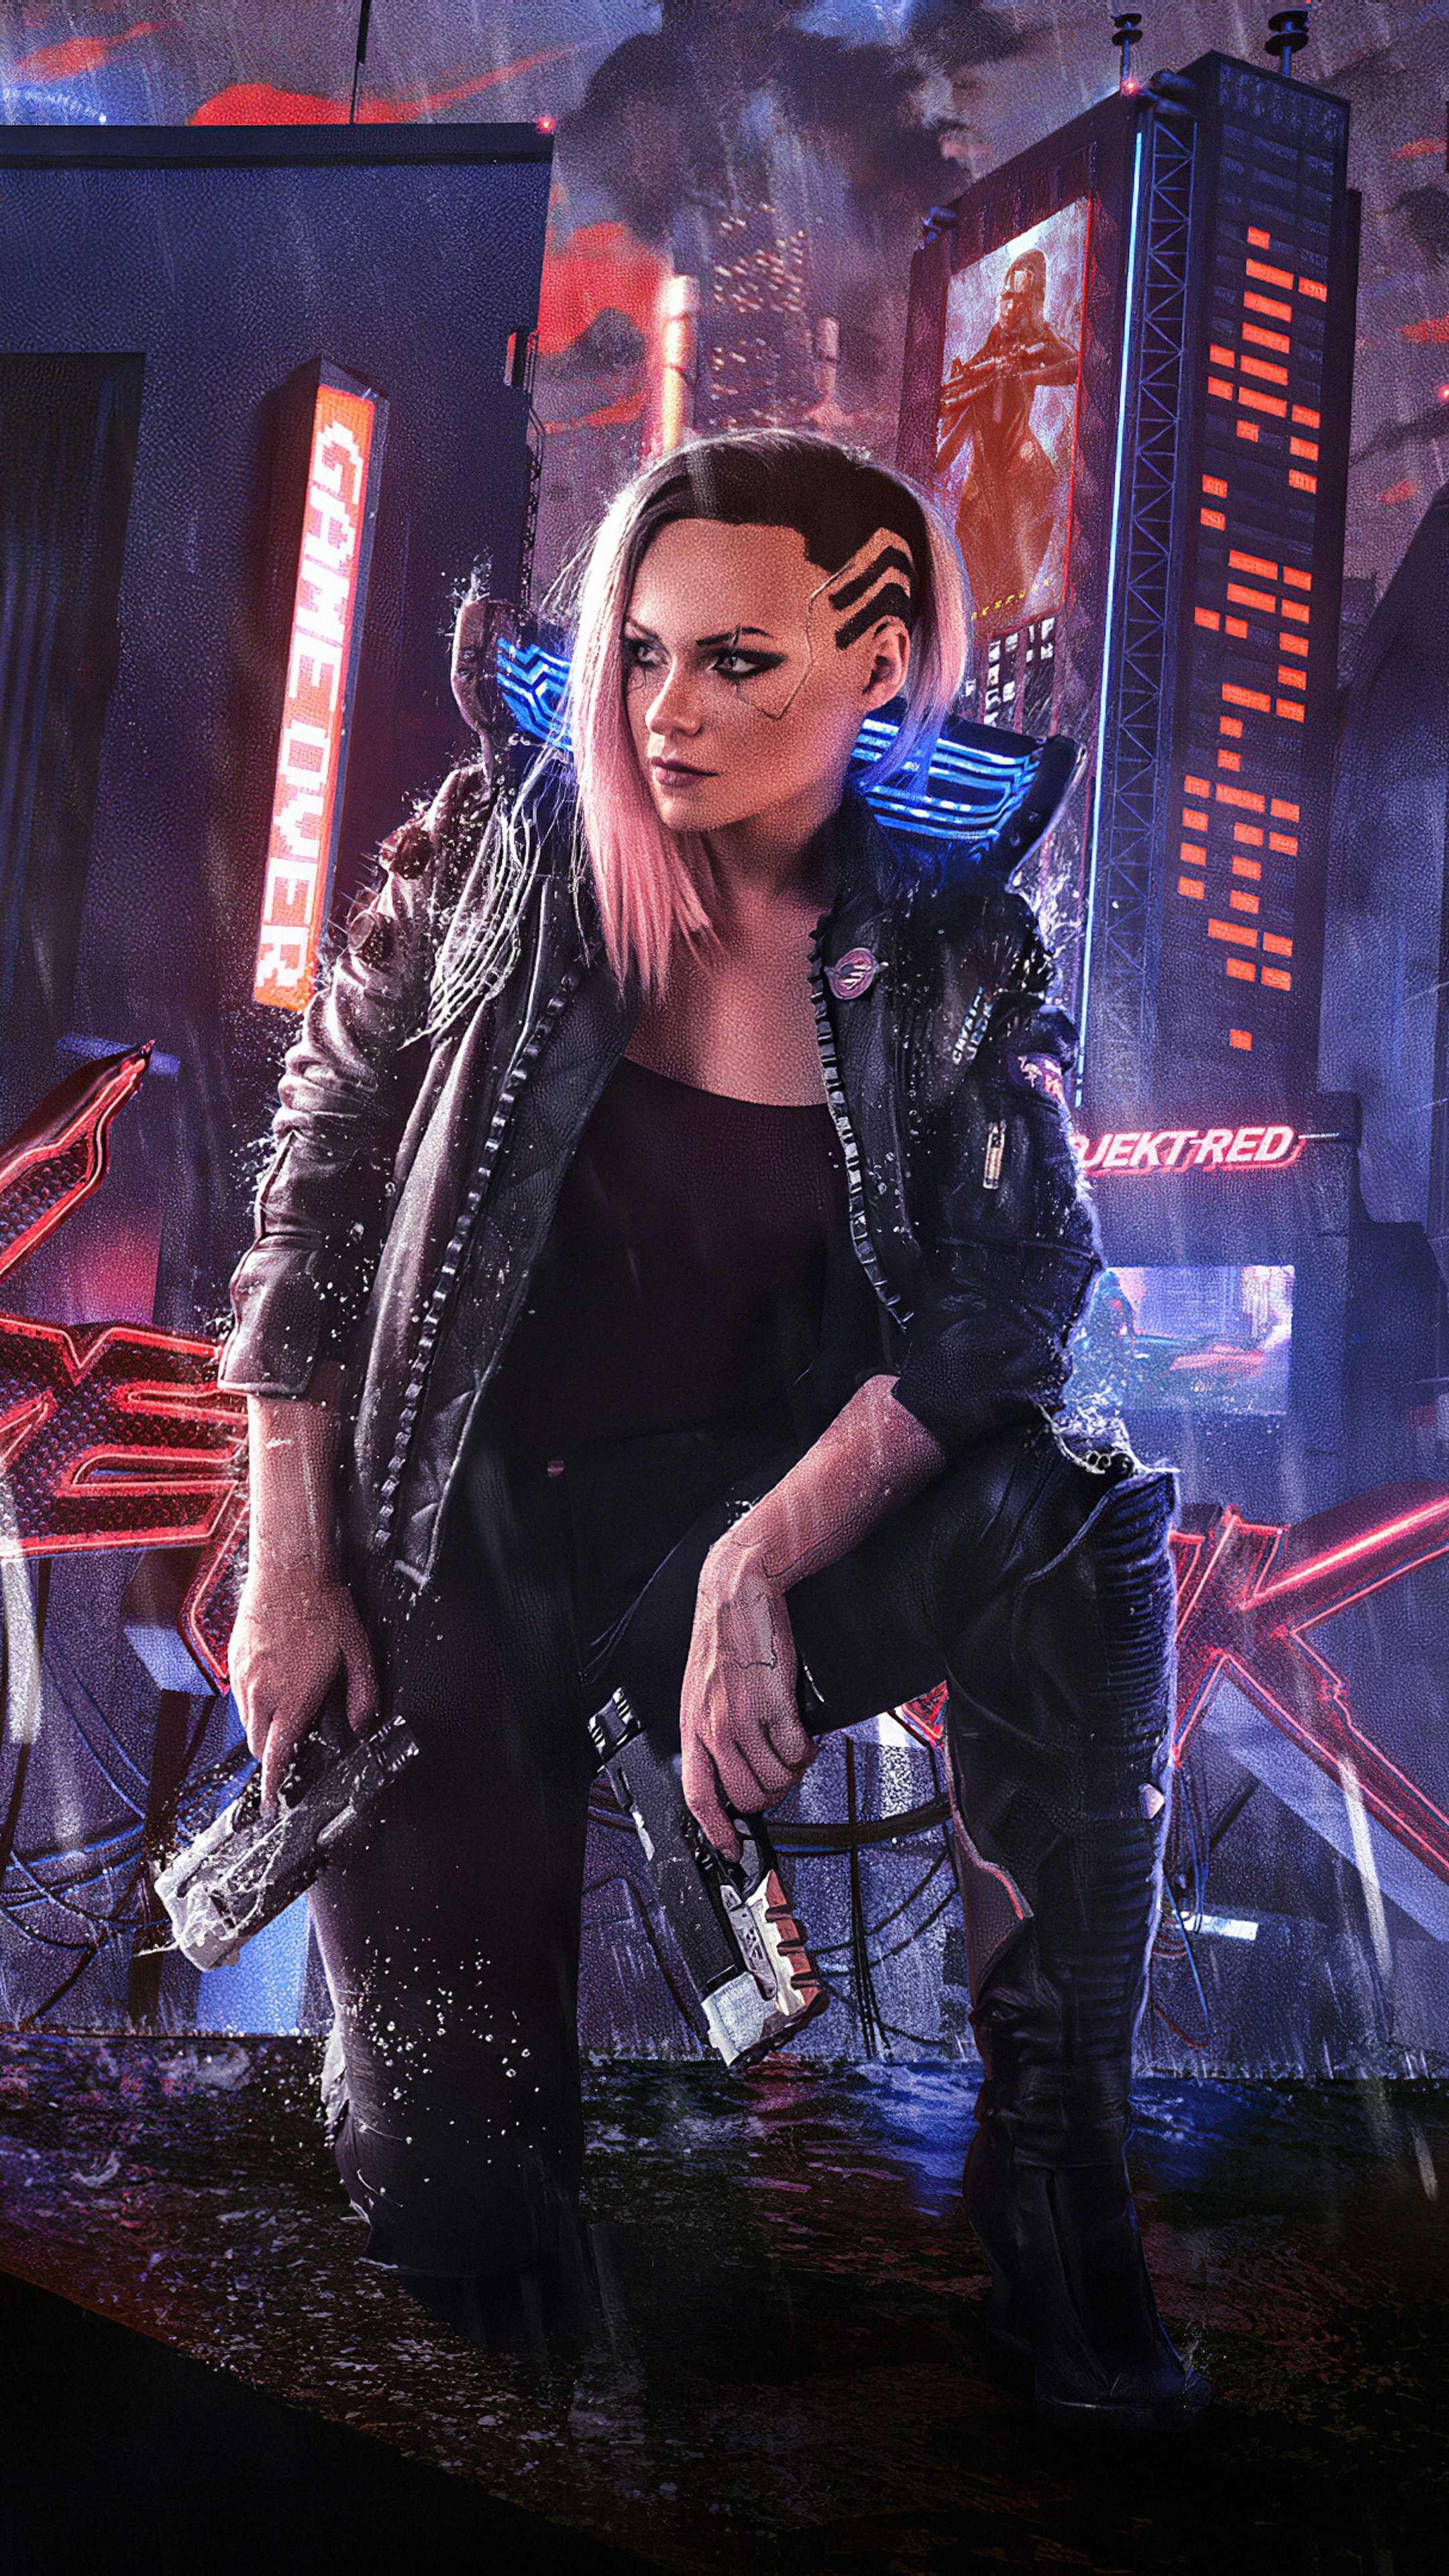 Cyberpunk 2077 Cellphone Wallpapers - Wallpaper Cave